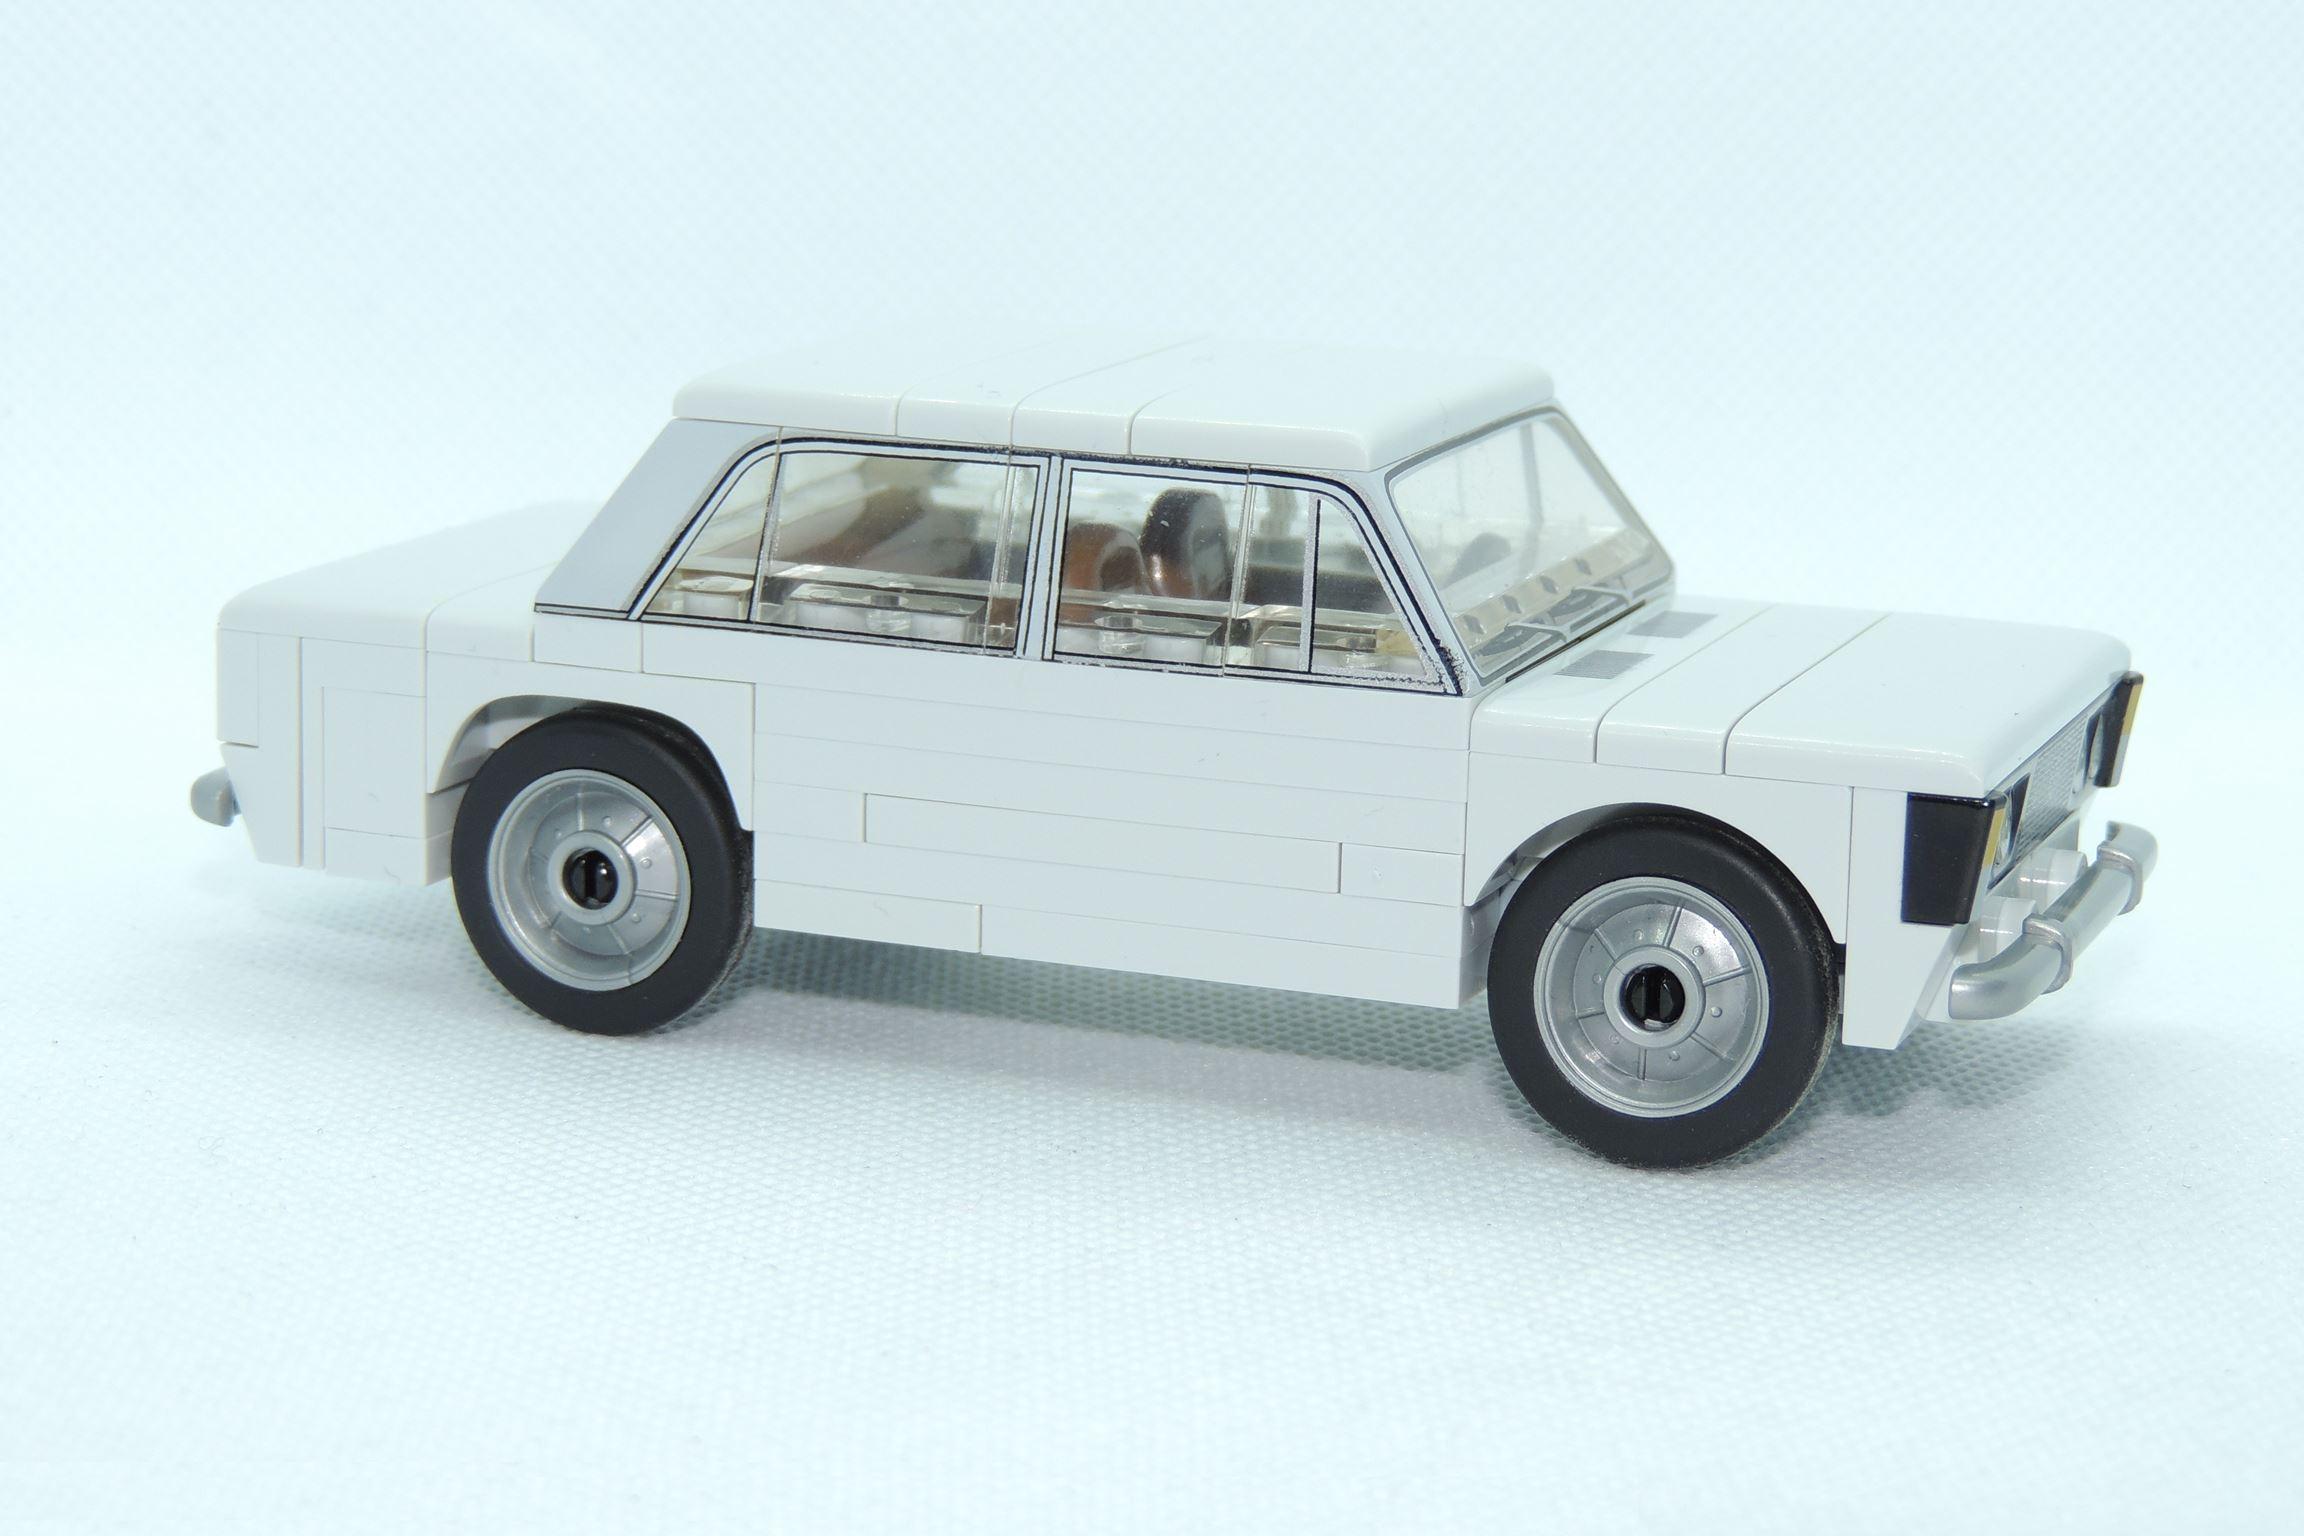 Tatsache, ein grauer Polski Fiat.